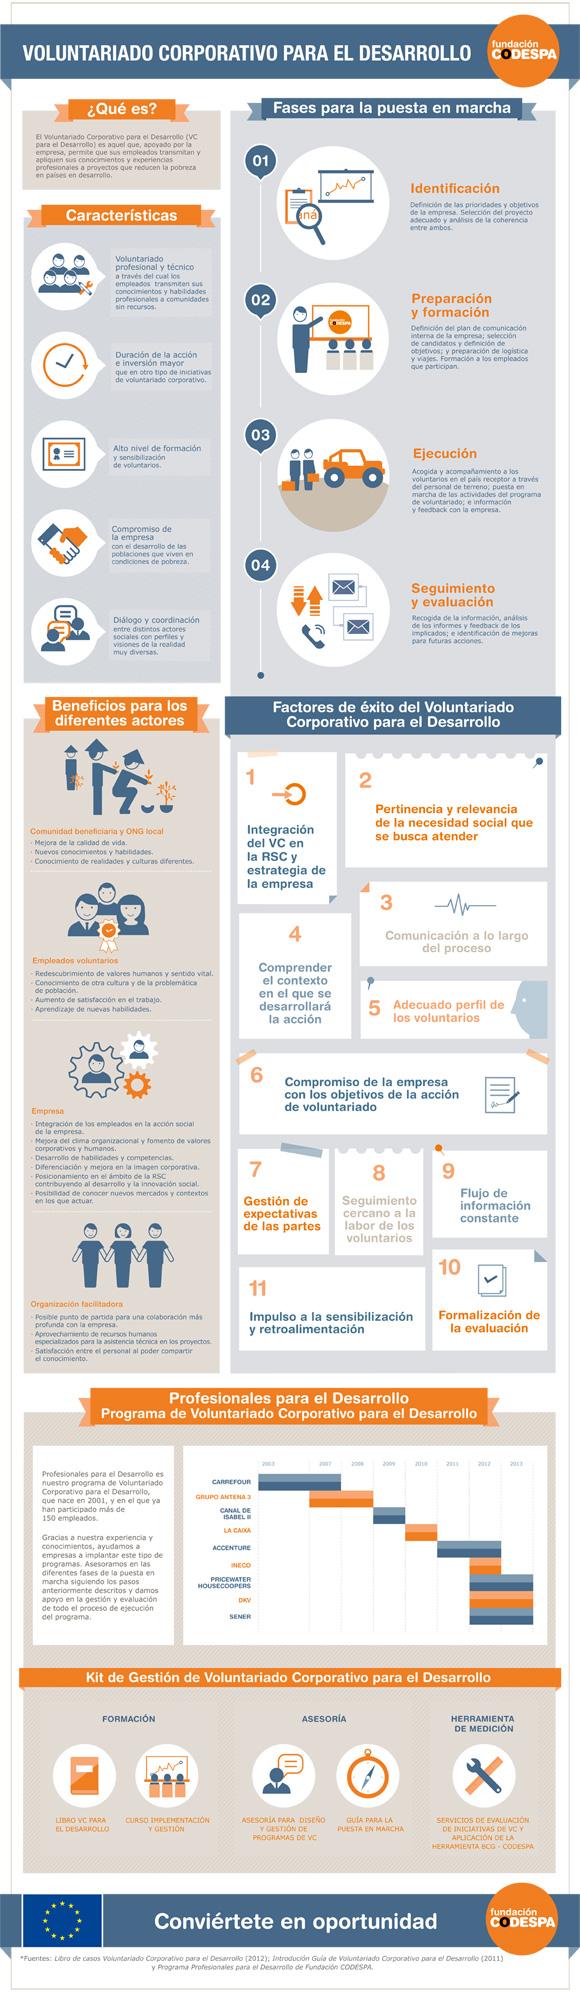 Infografía Voluntariado Corporativo para el Desarrollo